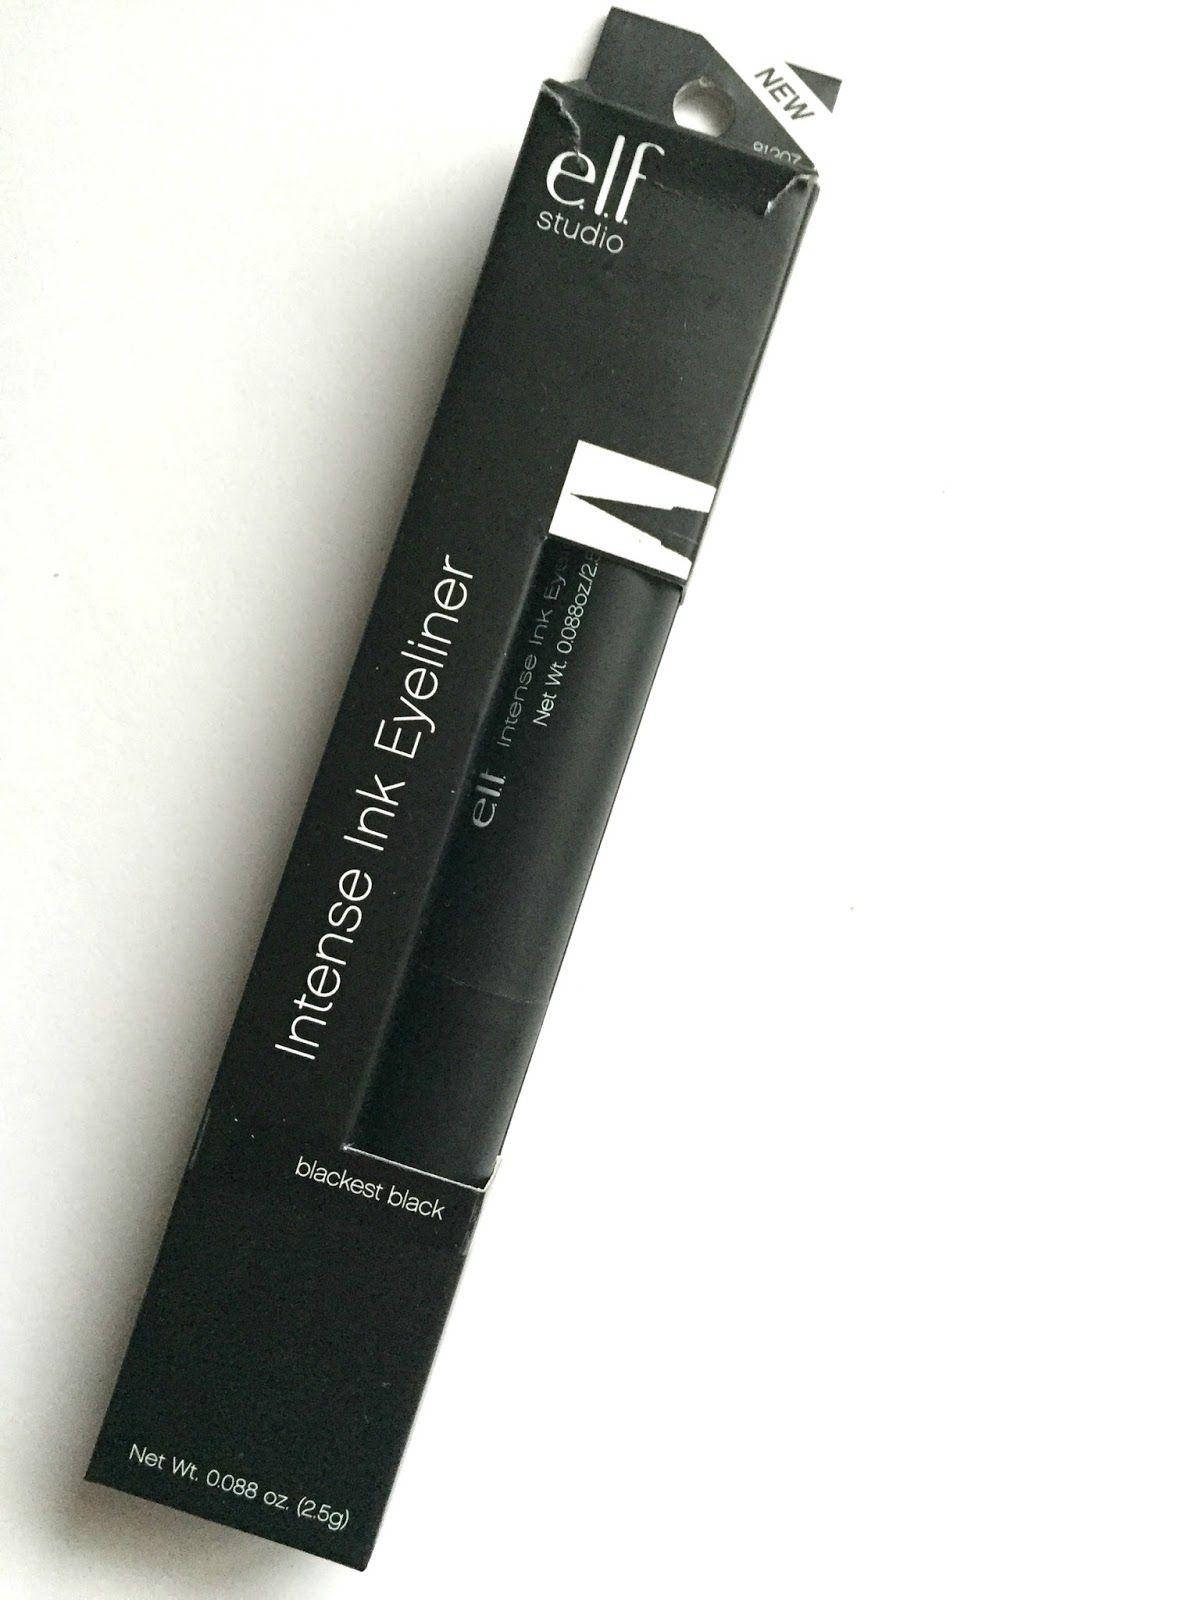 BELLYNIM E.L.F Intense Ink Eyeliner Eyeliner, Ink, Intense